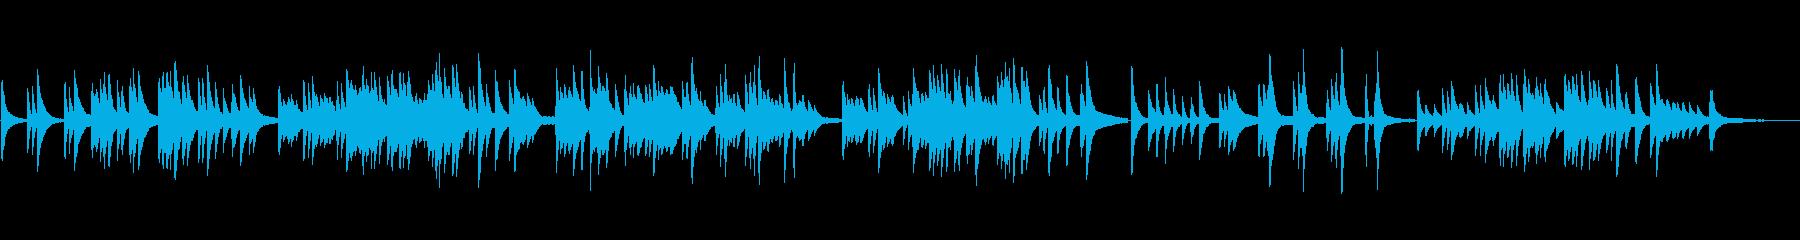 シンプルで切ないバラード/ラウンジピアノの再生済みの波形